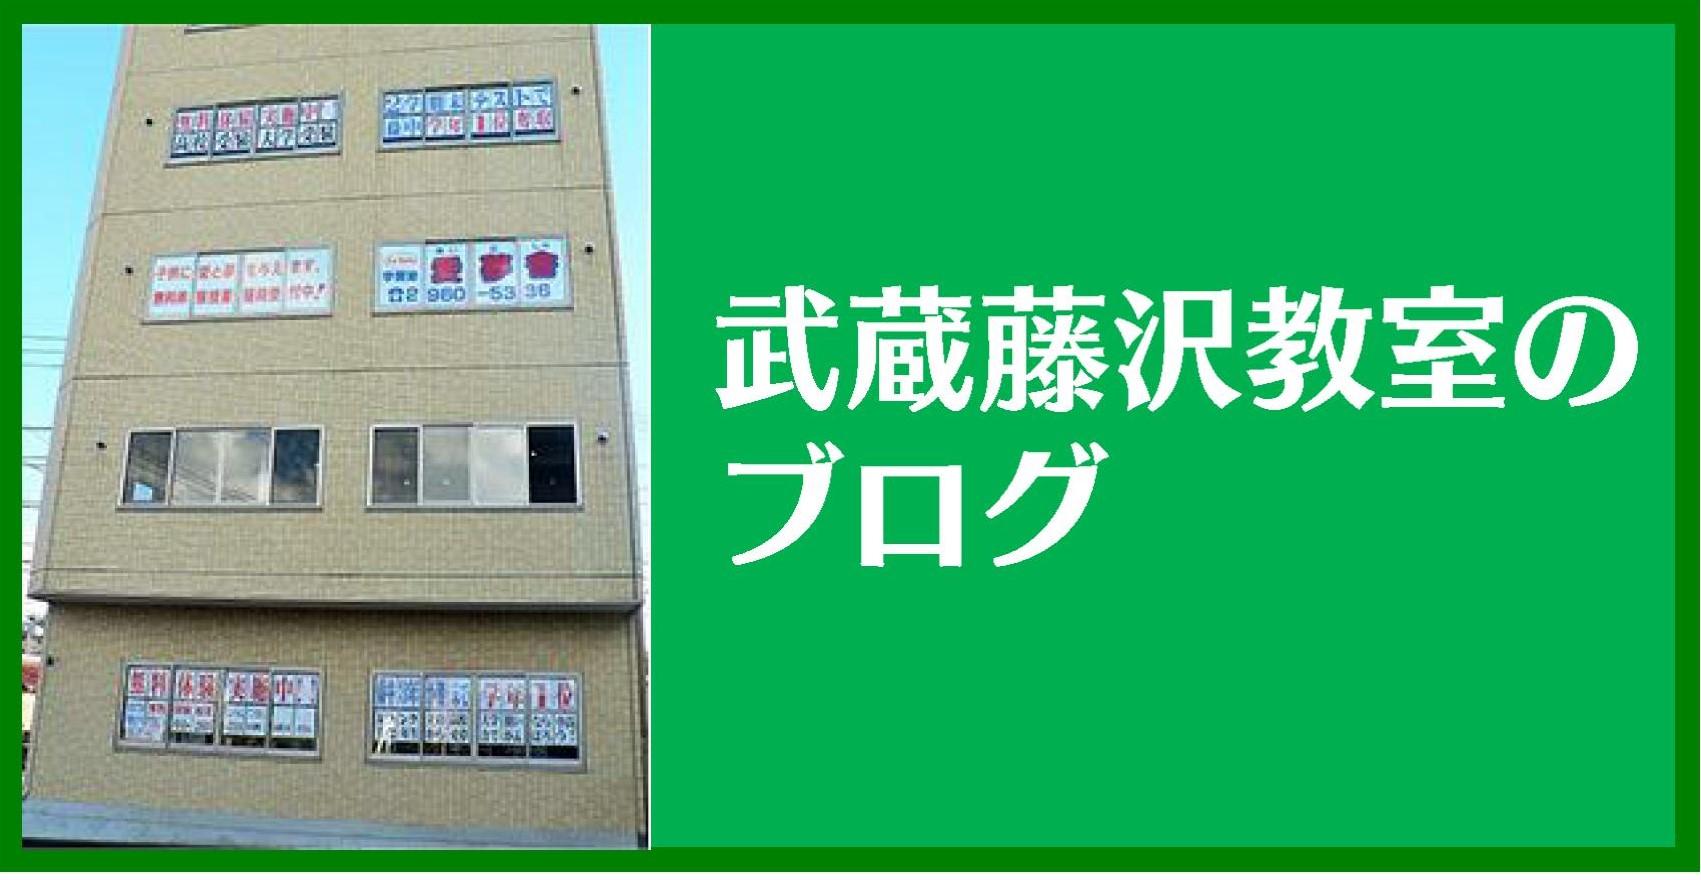 武蔵藤沢教室ブログ